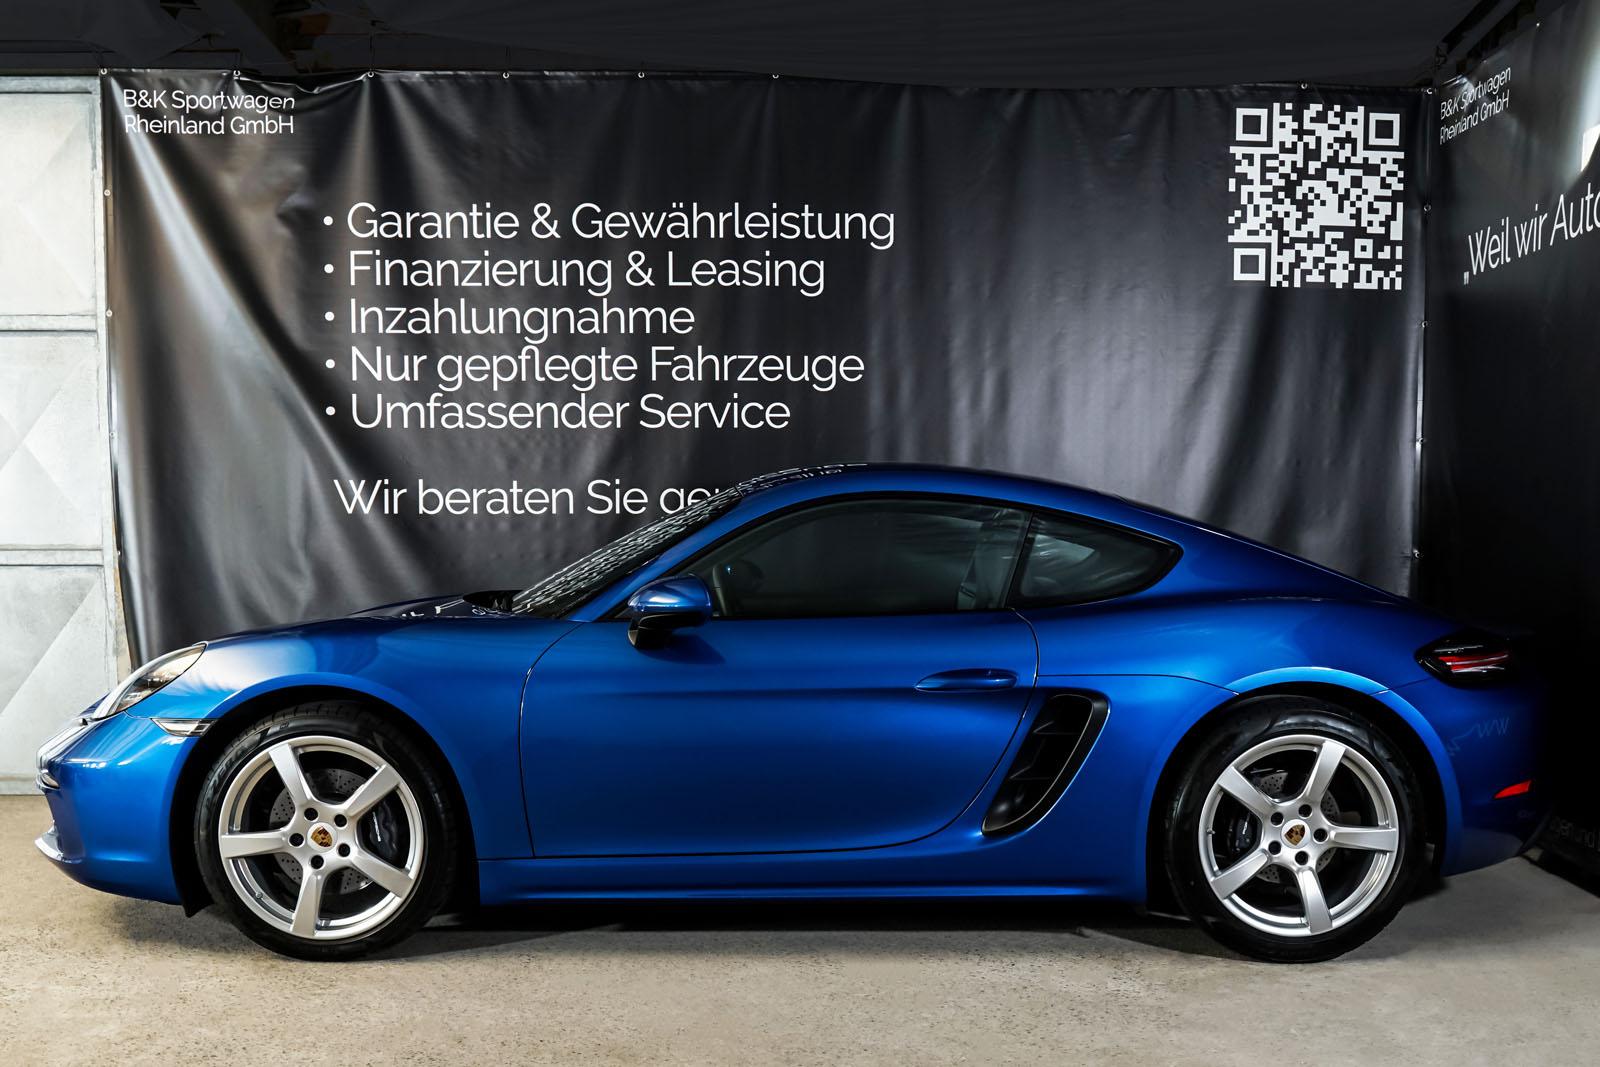 Porsche_Cayman_Blau_Schwarz_POR-0613_5_w